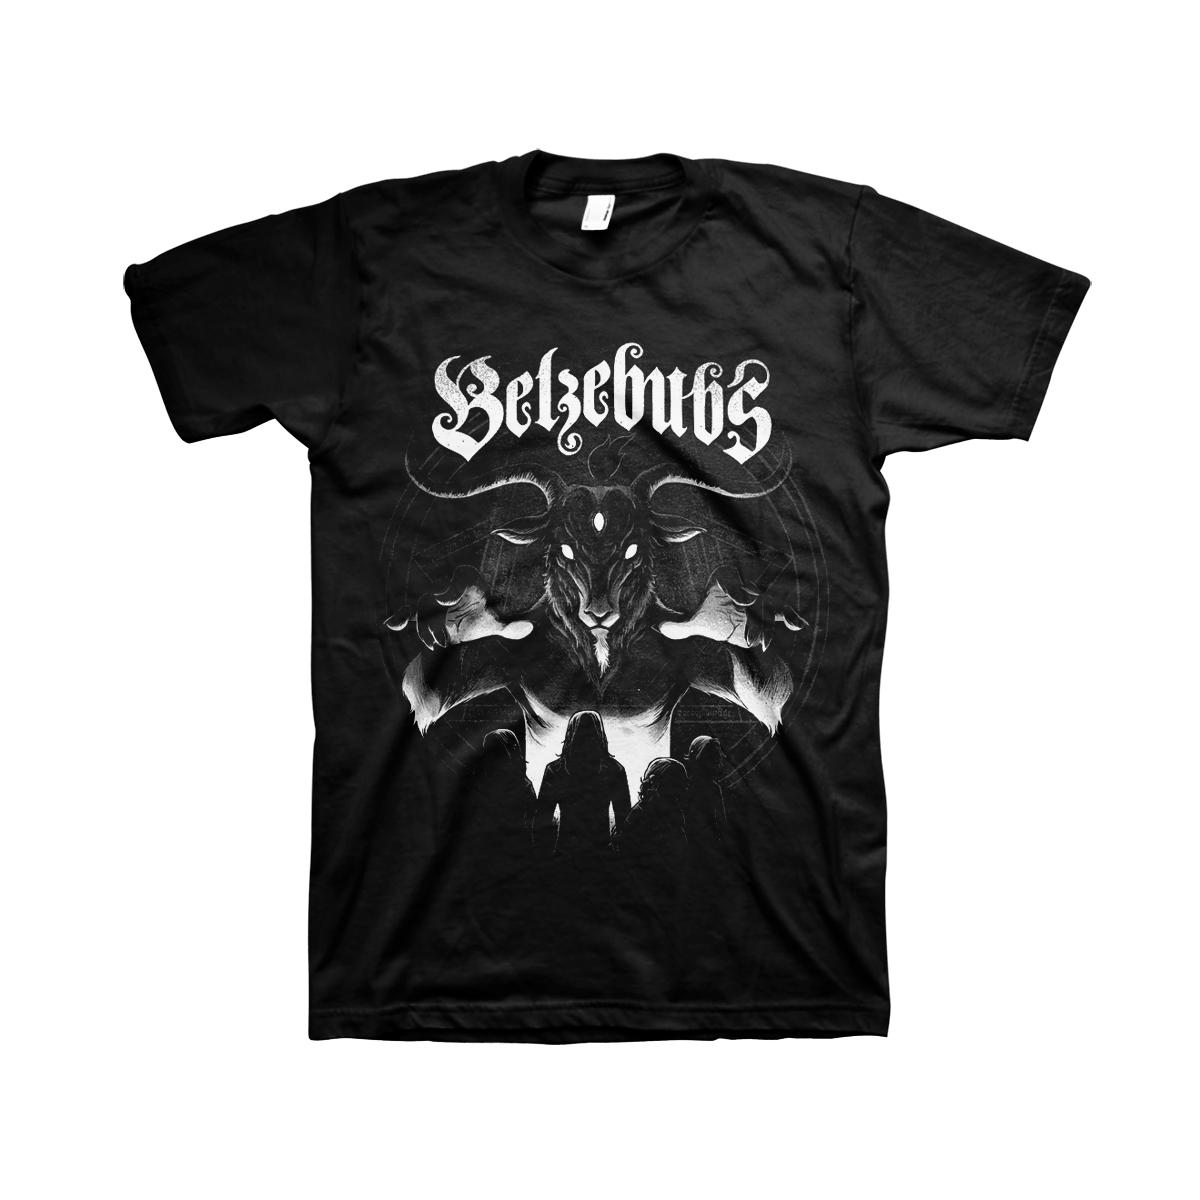 Belzebubs - Goat God Black T-shirt